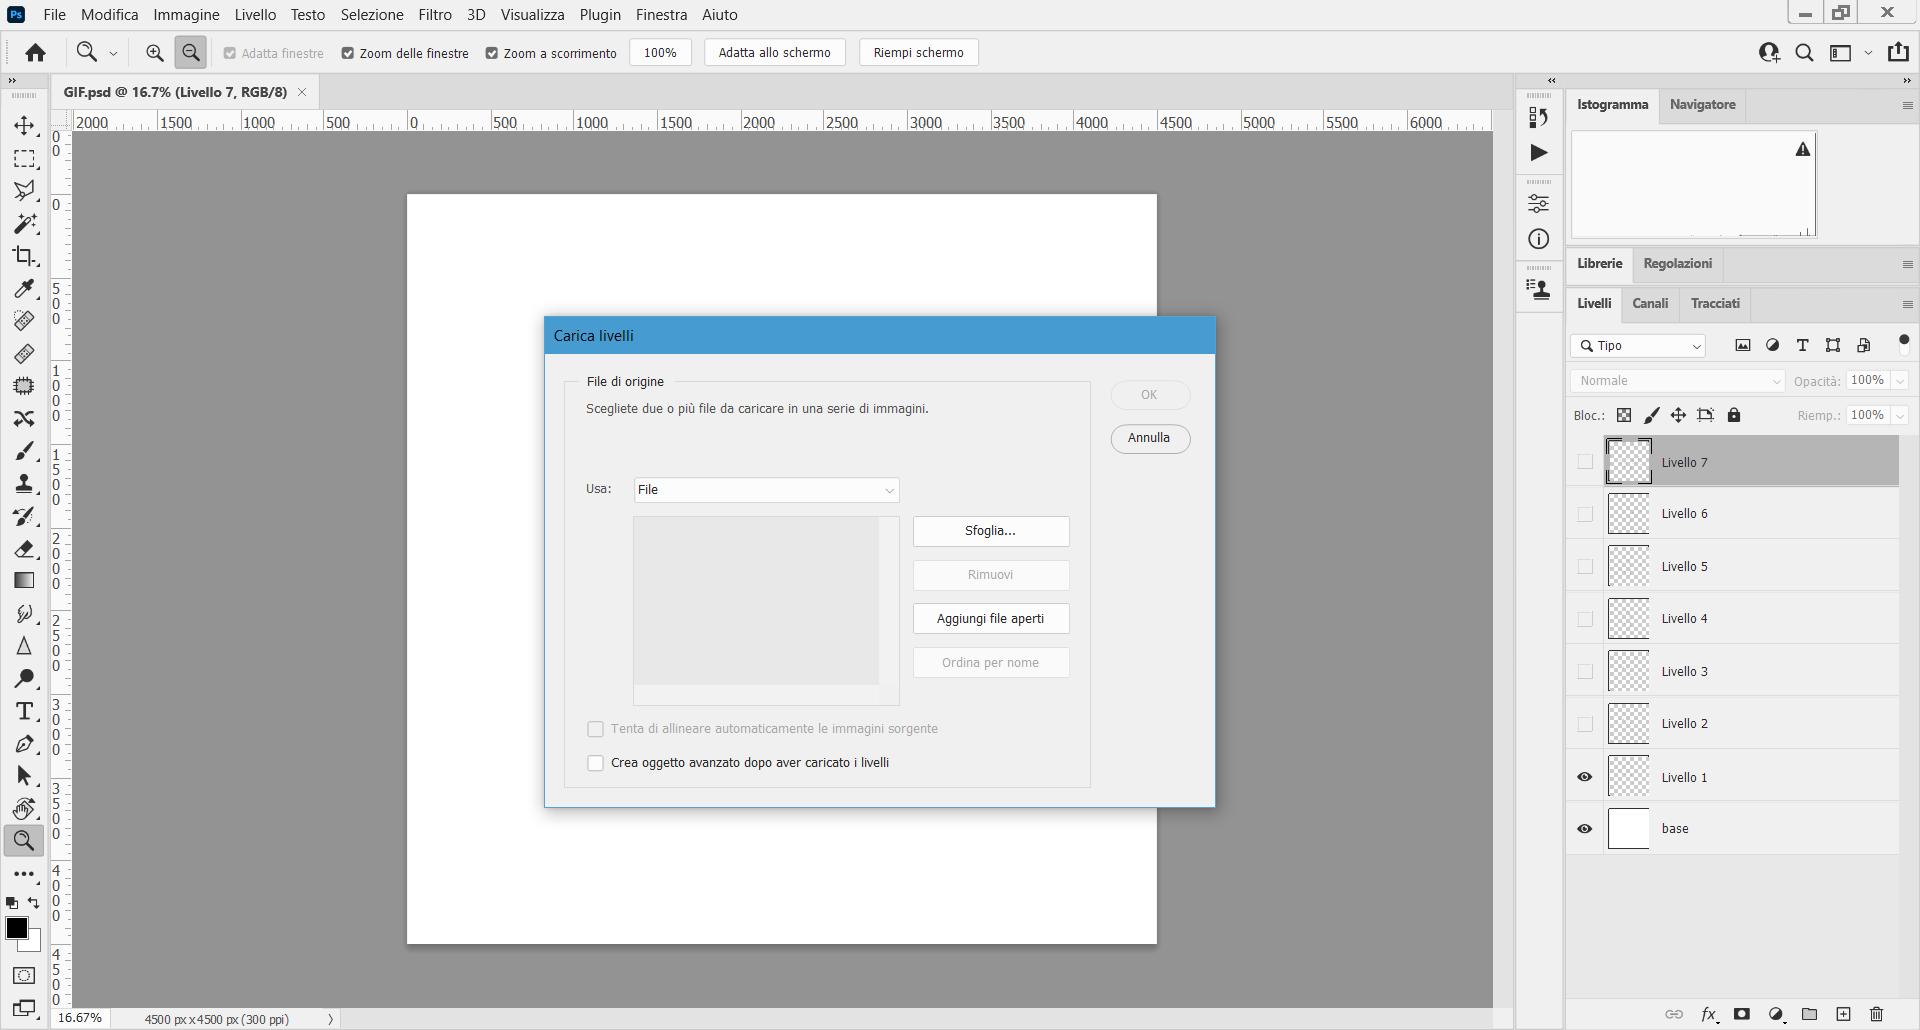 Come creare una GIF animata per i tuoi progetti architettonici? Per iniziare, carica i livelli corrispondenti a ogni fotogramma in Photoshop